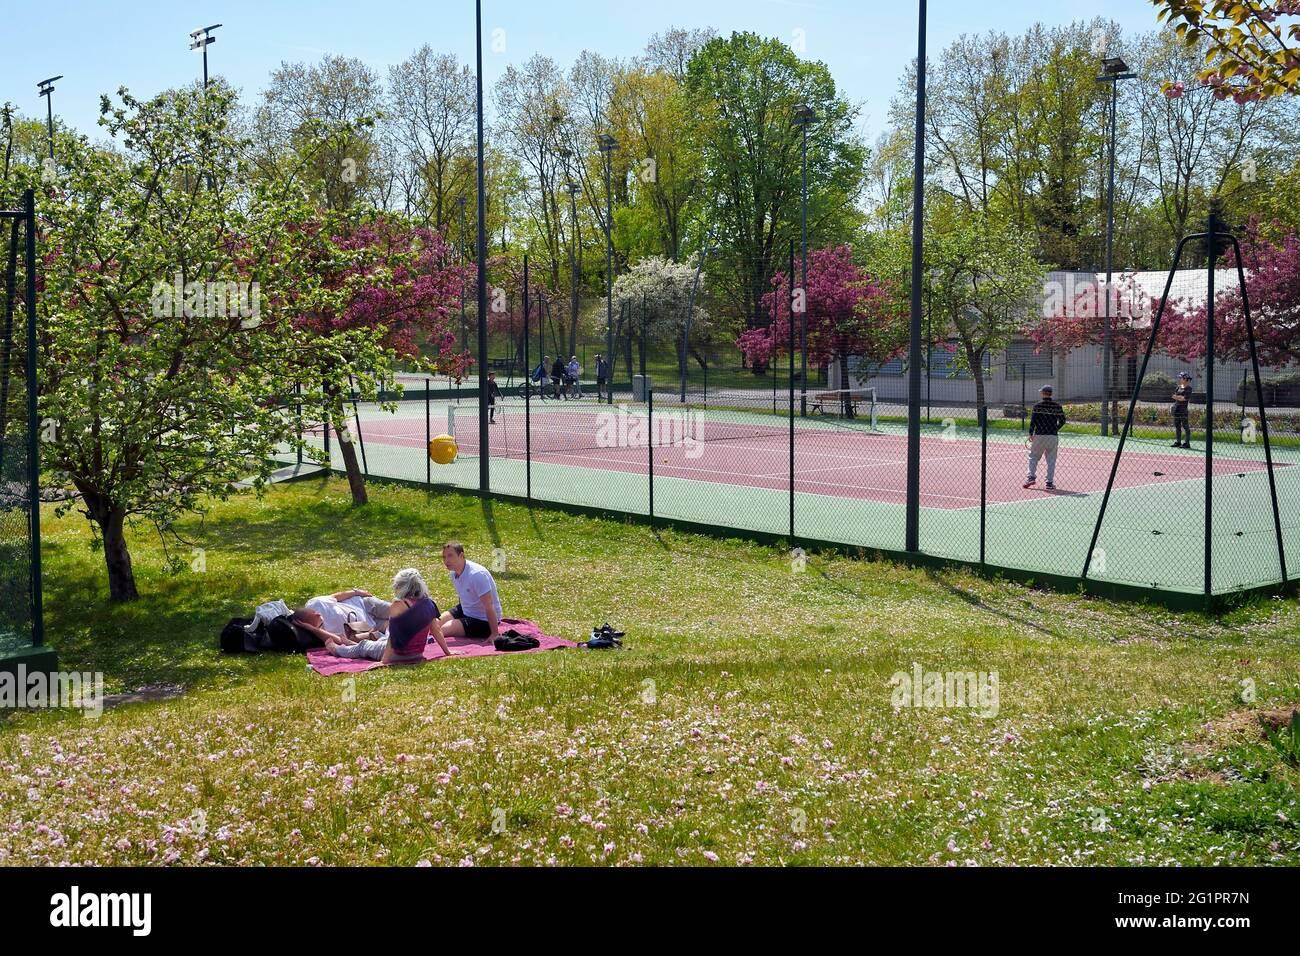 France, Val de Marne, Champigny sur Marne, parc du Tremblay, court de tennis Banque D'Images